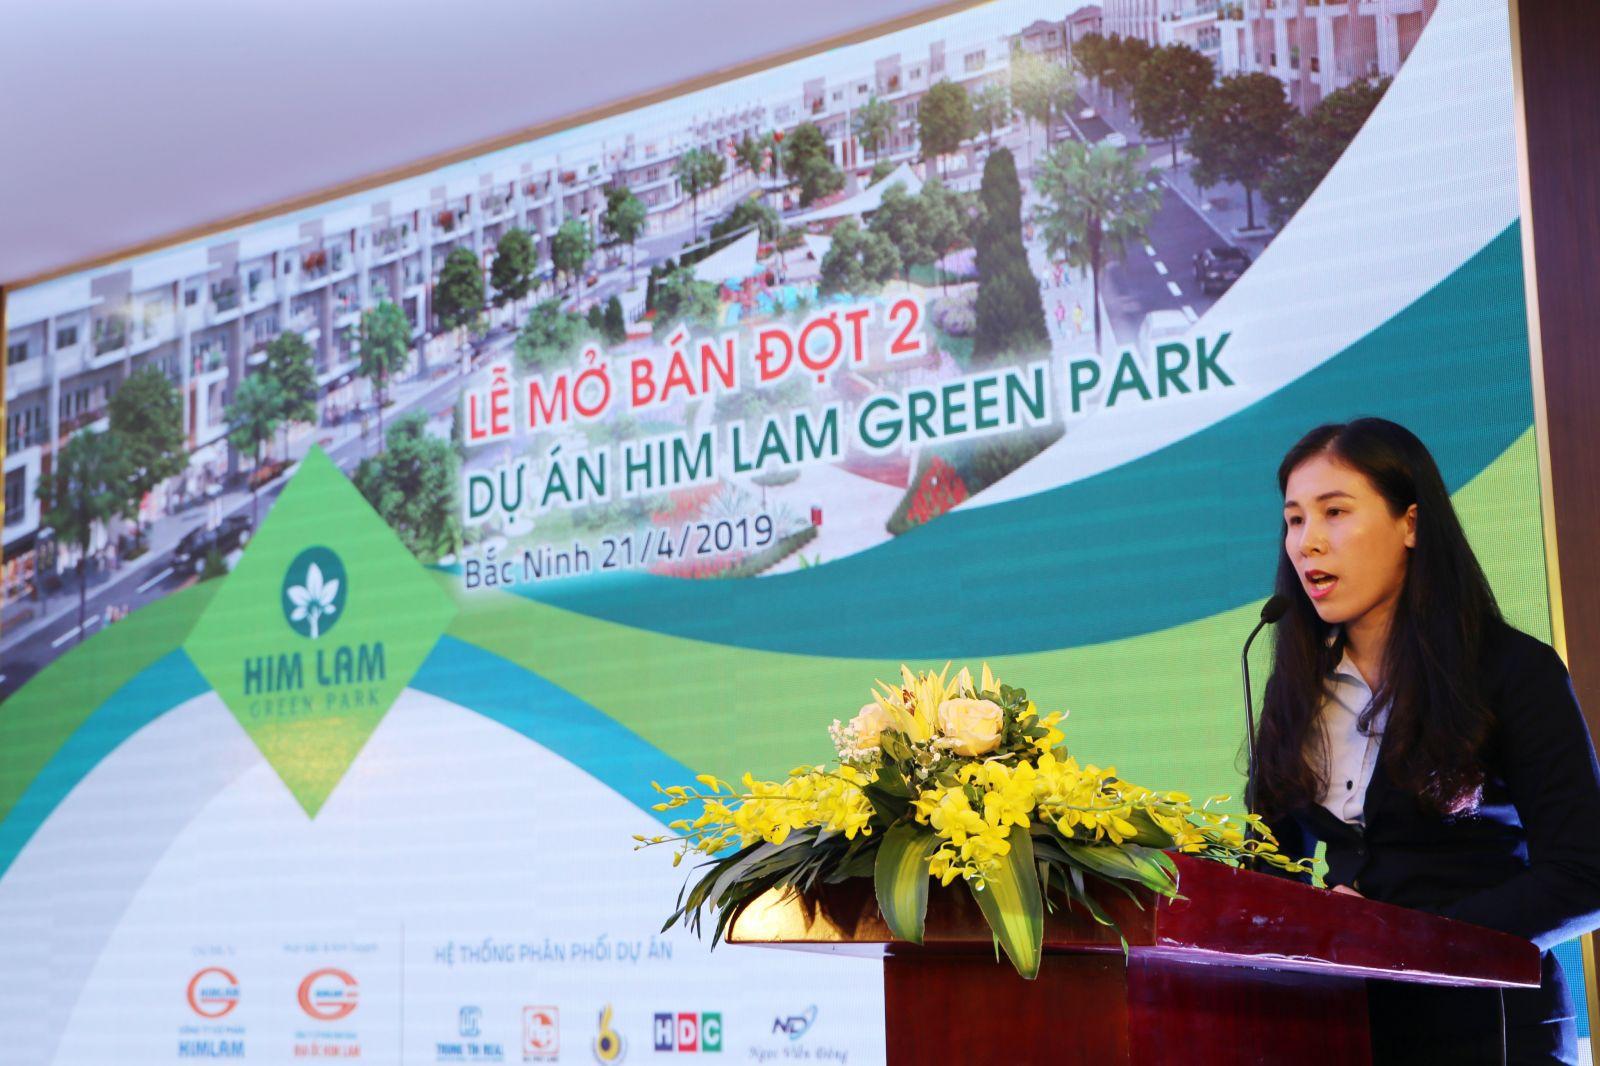 Bà Đỗ Thị Hằng – Giám đốc Kinh doanh, Công ty cổ phần Kinh doanh Địa ốc Him Lam phát biểu tại buổi lễ